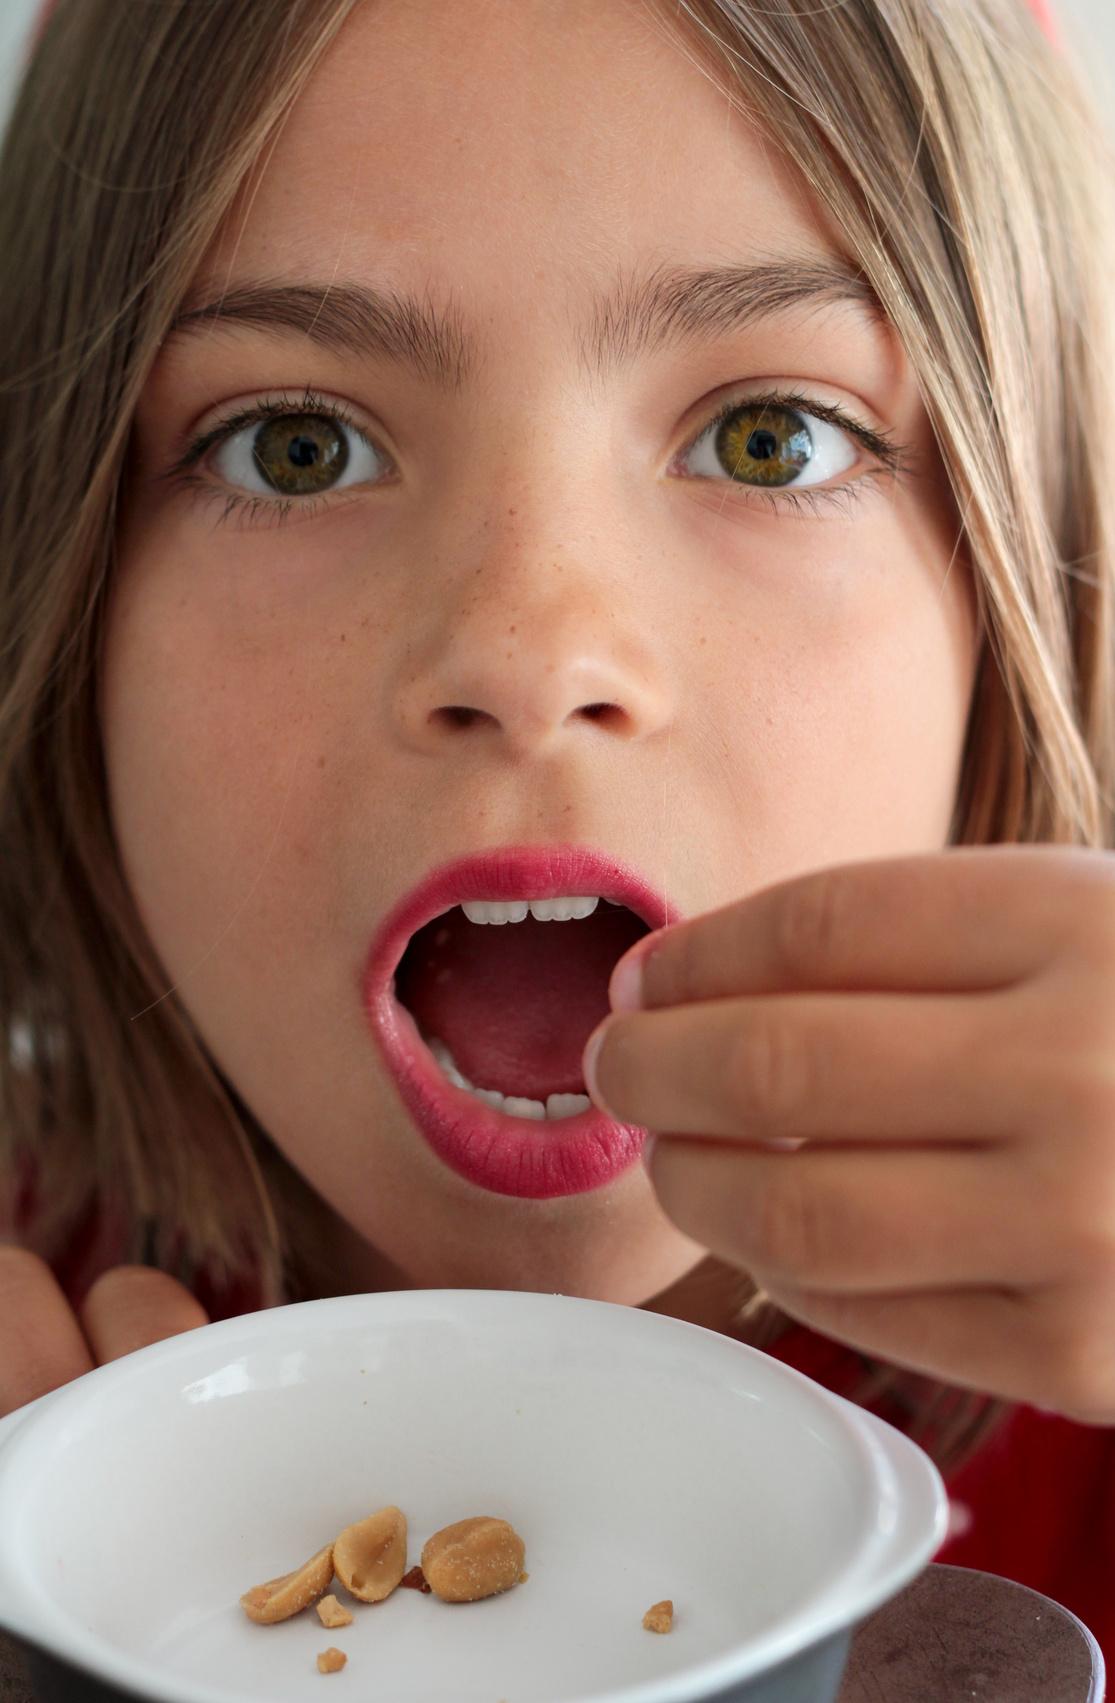 Combien de temps doit-on attendre avant d'exposer les enfants aux allergènes alimentaires?